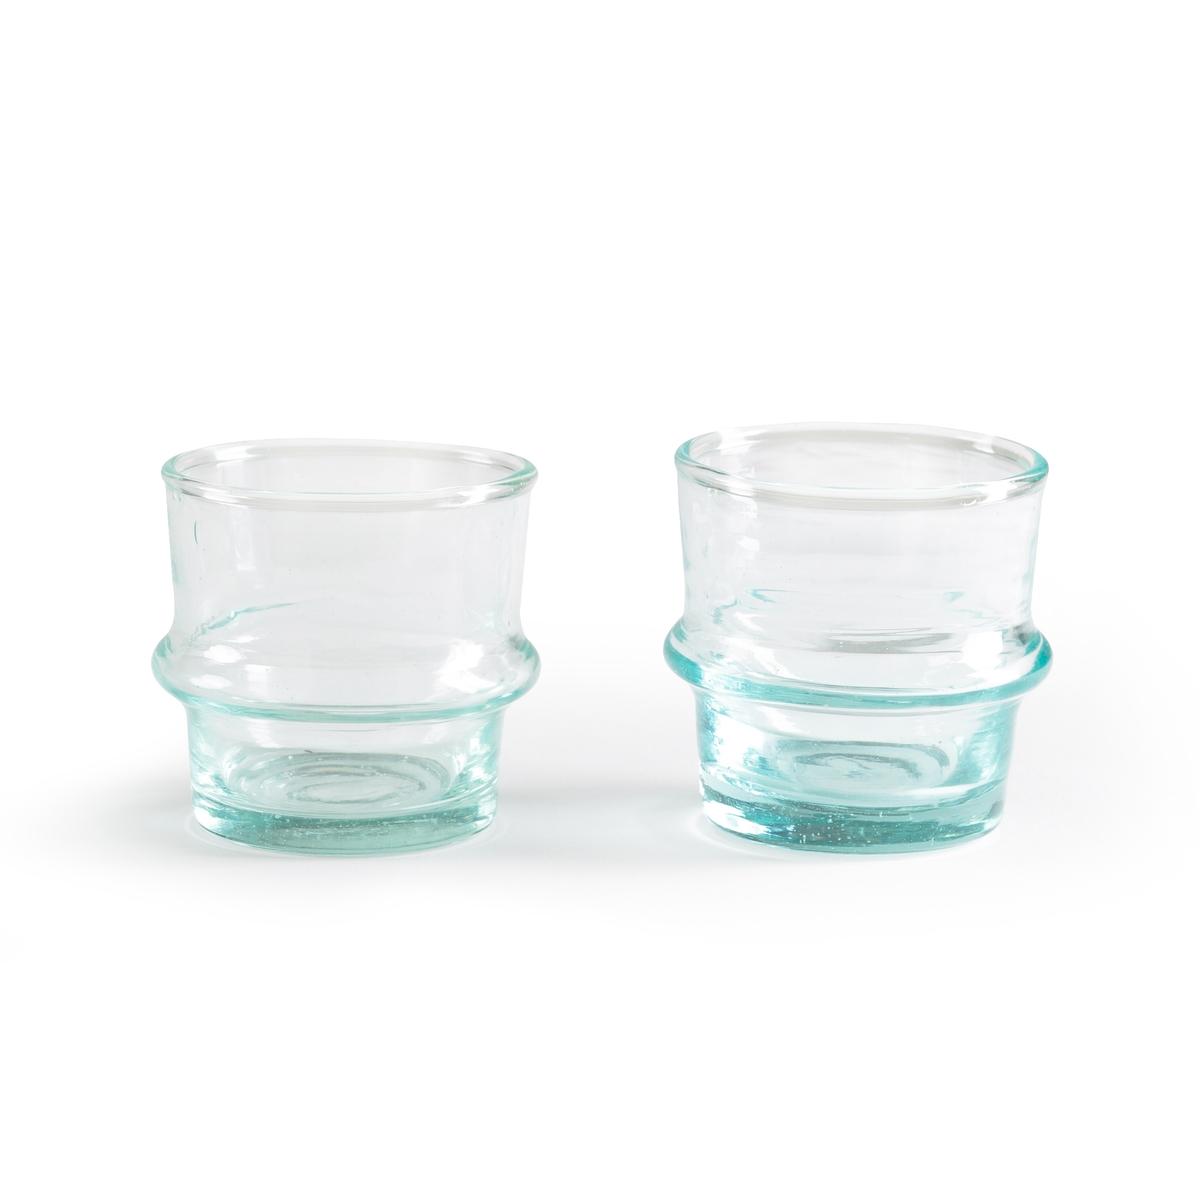 Подсвечник из дутого стекла Morewen (в комплекте 2 изделия)2 подсвечника Morewen. Из дутого стекла. Размер : ?6 x H6 см.<br><br>Цвет: бирюзовый